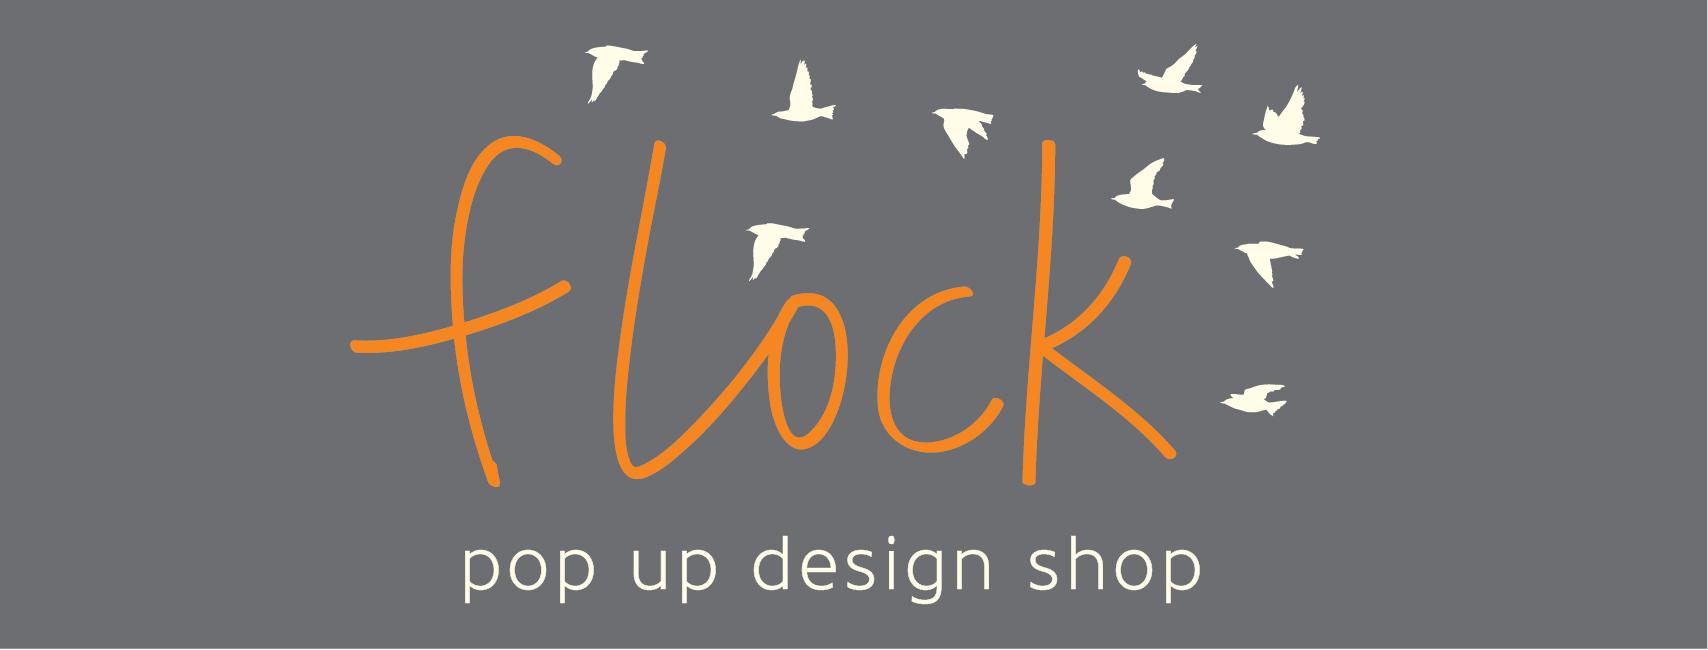 flock facebook cover image option 2.png